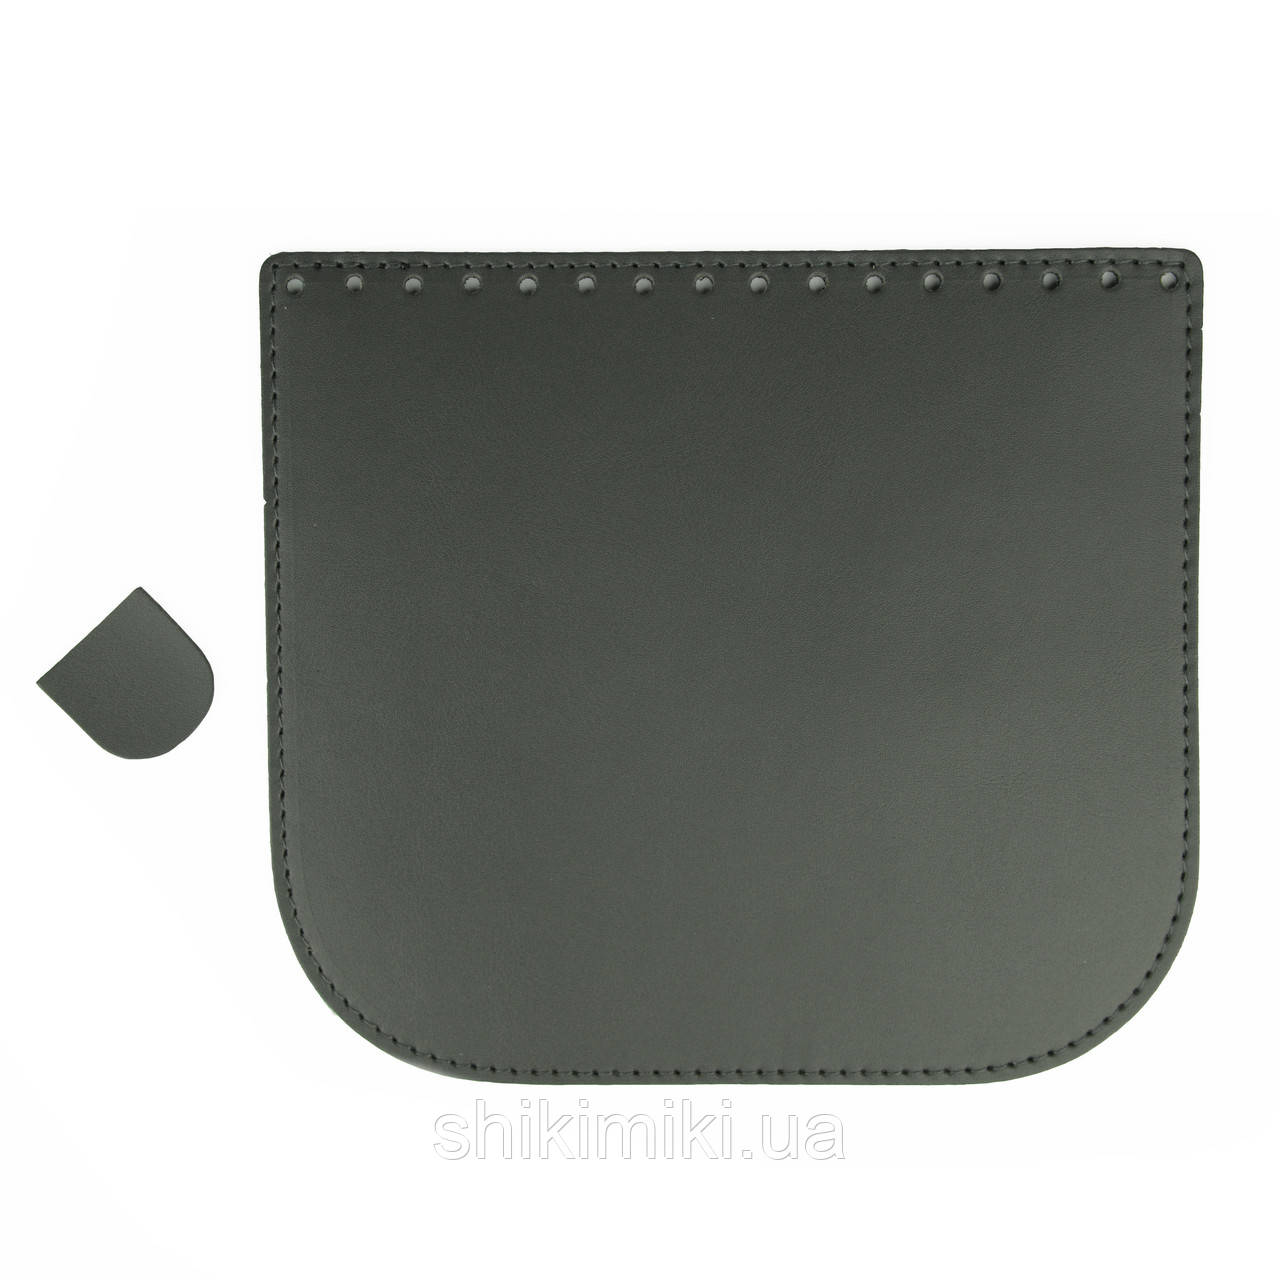 Крышка для сумки из эко-кожи (20*18), цвет темно-серый под кожу